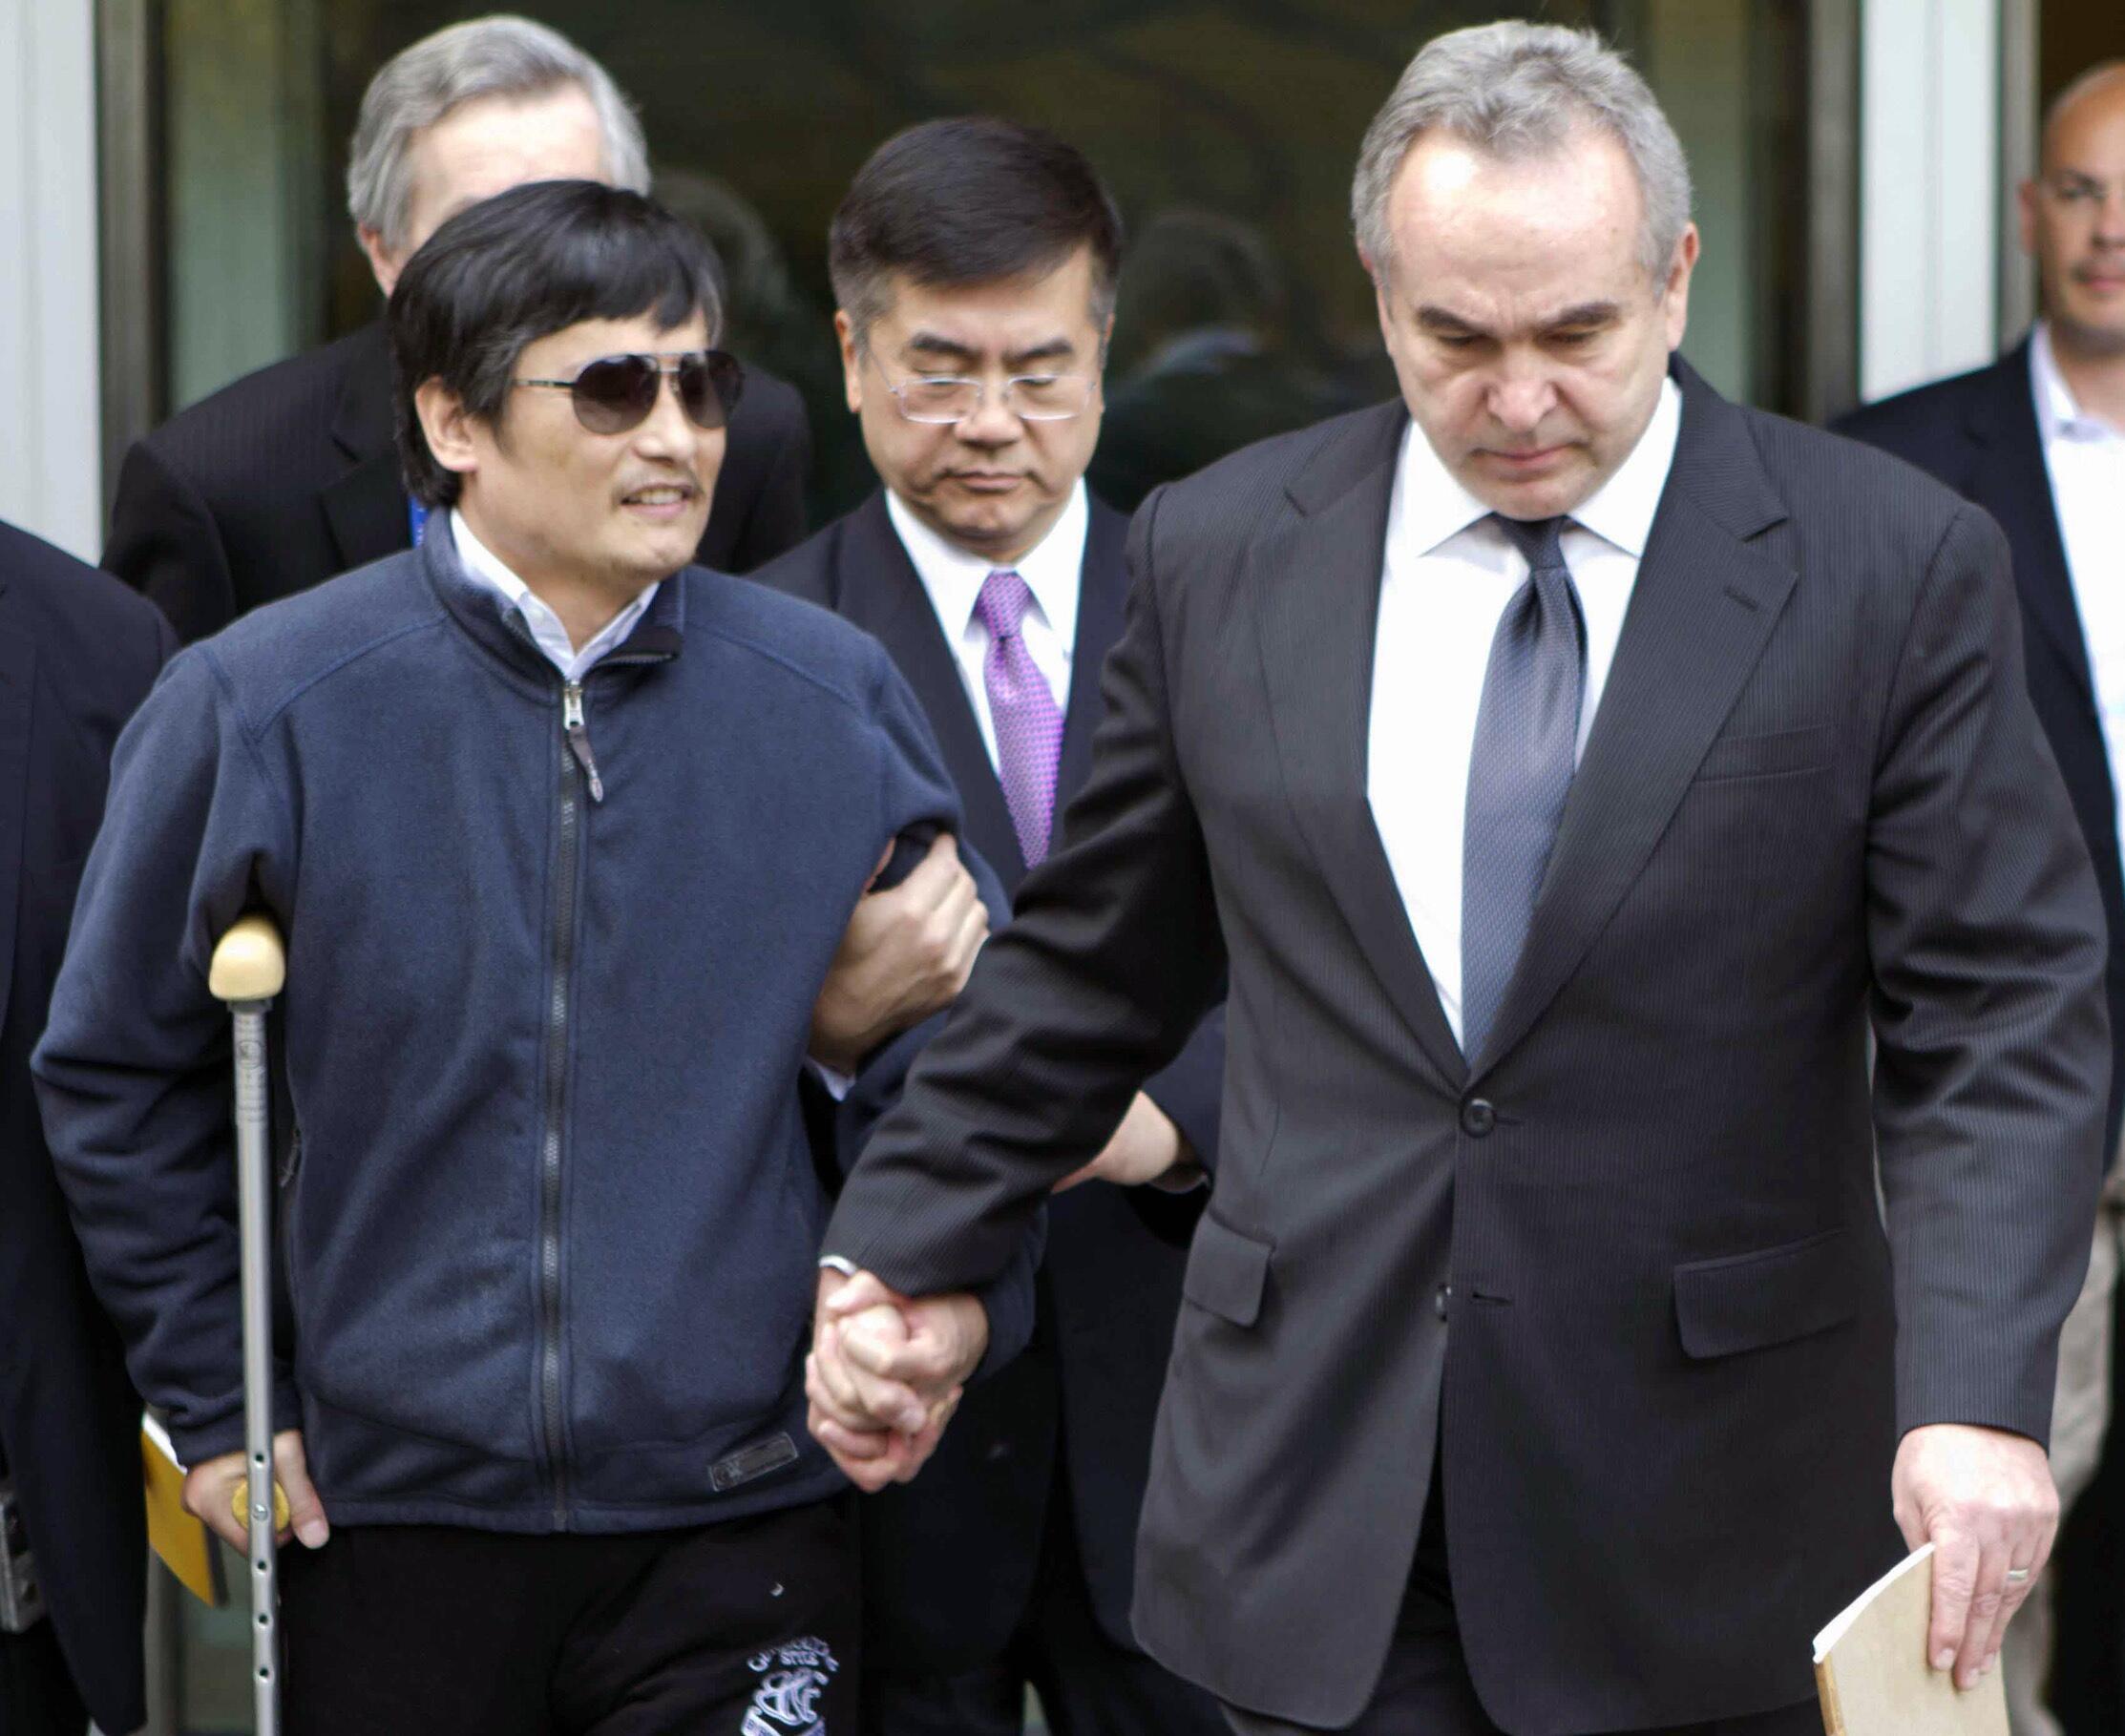 Чень Гуанчен в сопровождении посла США в госпитале Пекина 02/05/2012